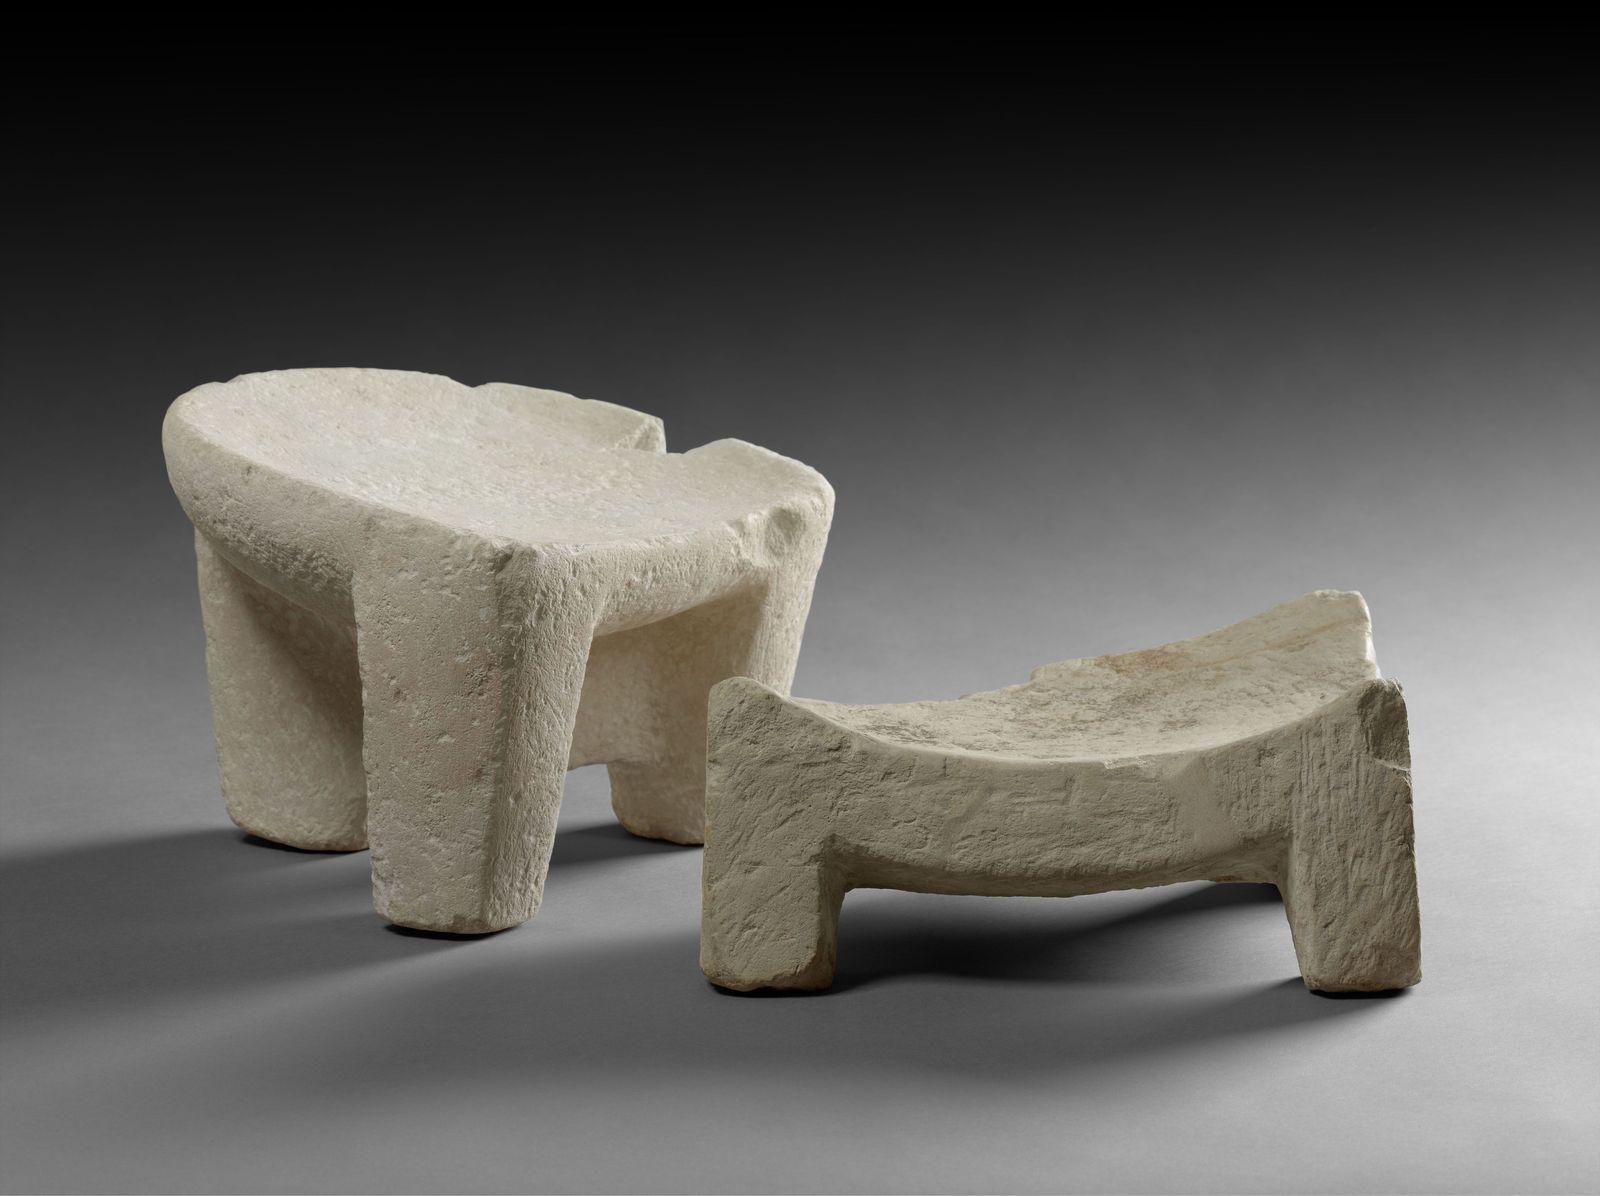 Hocker aus Kalkstein © Staatliche Museen zu Berlin, Ägyptisches Museum und Papyrussammlung / S. Steiß